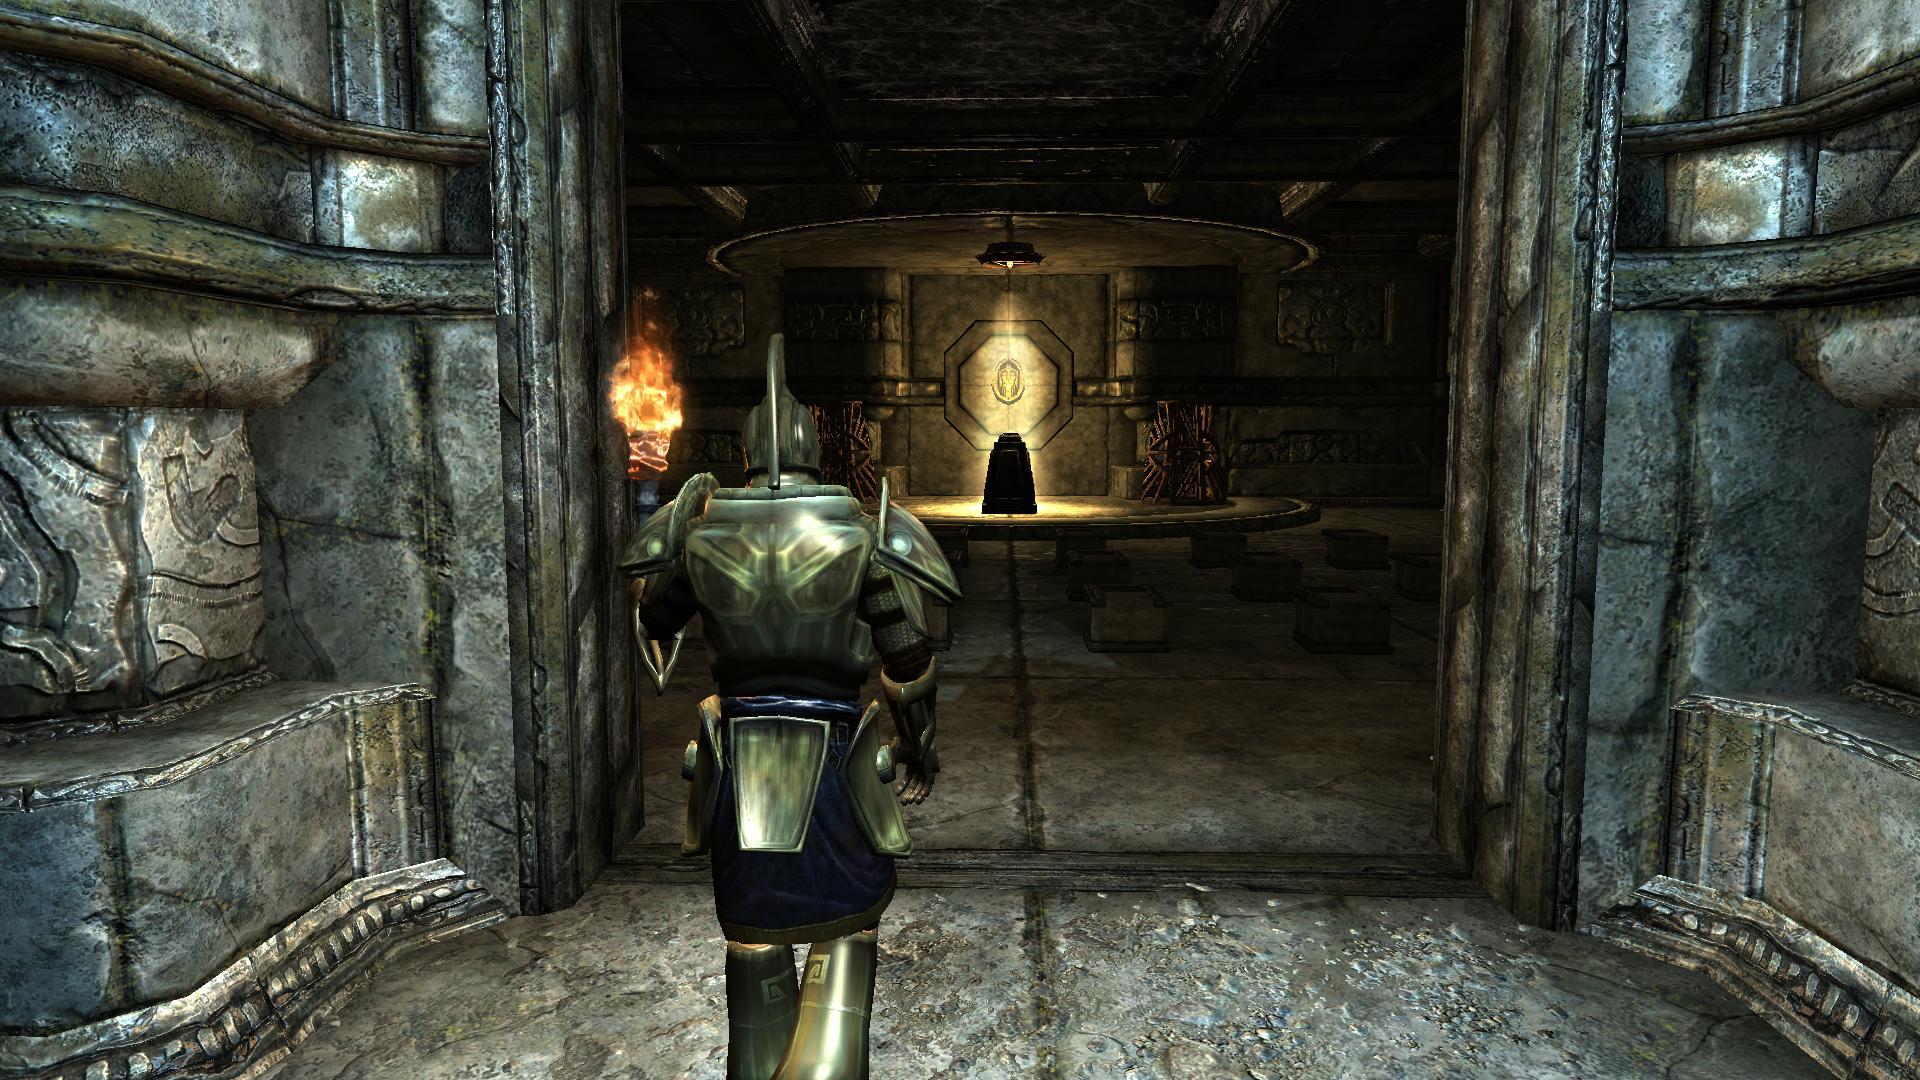 Giới thiệu game trinh thám The Forgotten City: Dev giật giải danh giá của Hiệp hội Nhà văn, bỏ ngành luật để theo đuổi đam mê làm game - Ảnh 2.